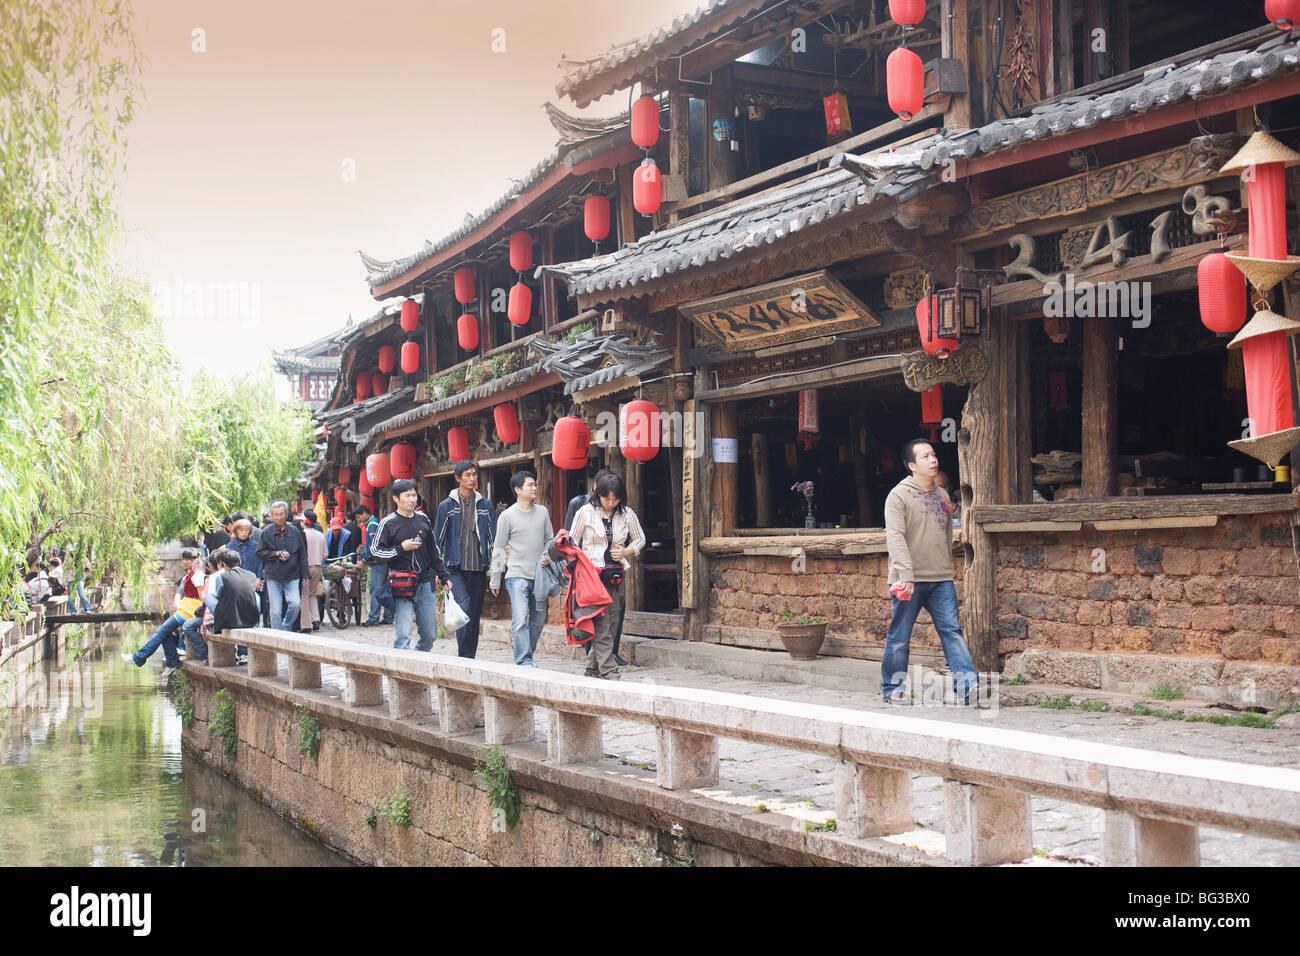 Lijiang, Yunnan Province, China, Asia - Stock Image